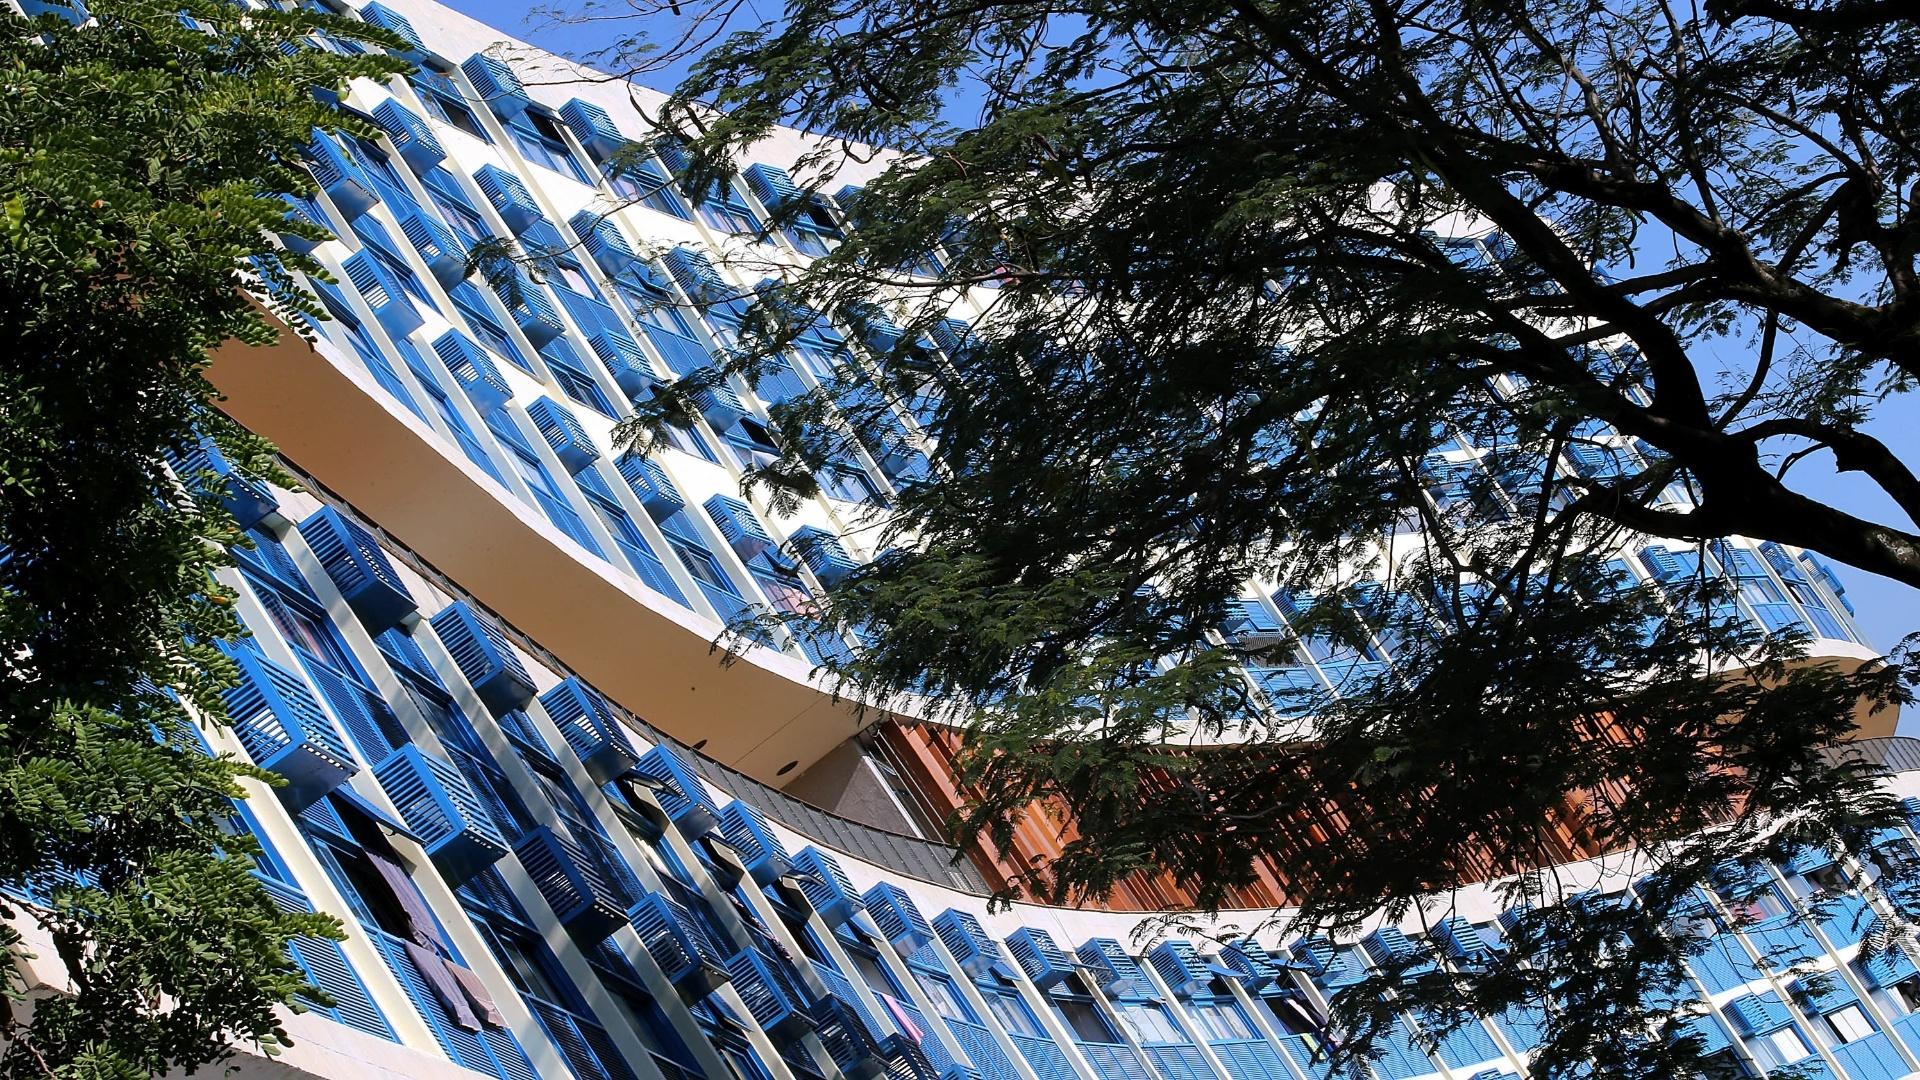 27.mai.2015 - As 580 janelas dos prédios, cujas estruturas eram de madeira, foram trocadas por outras de alumínio, seguindo os mesmo modelo arquitetônico do projeto original